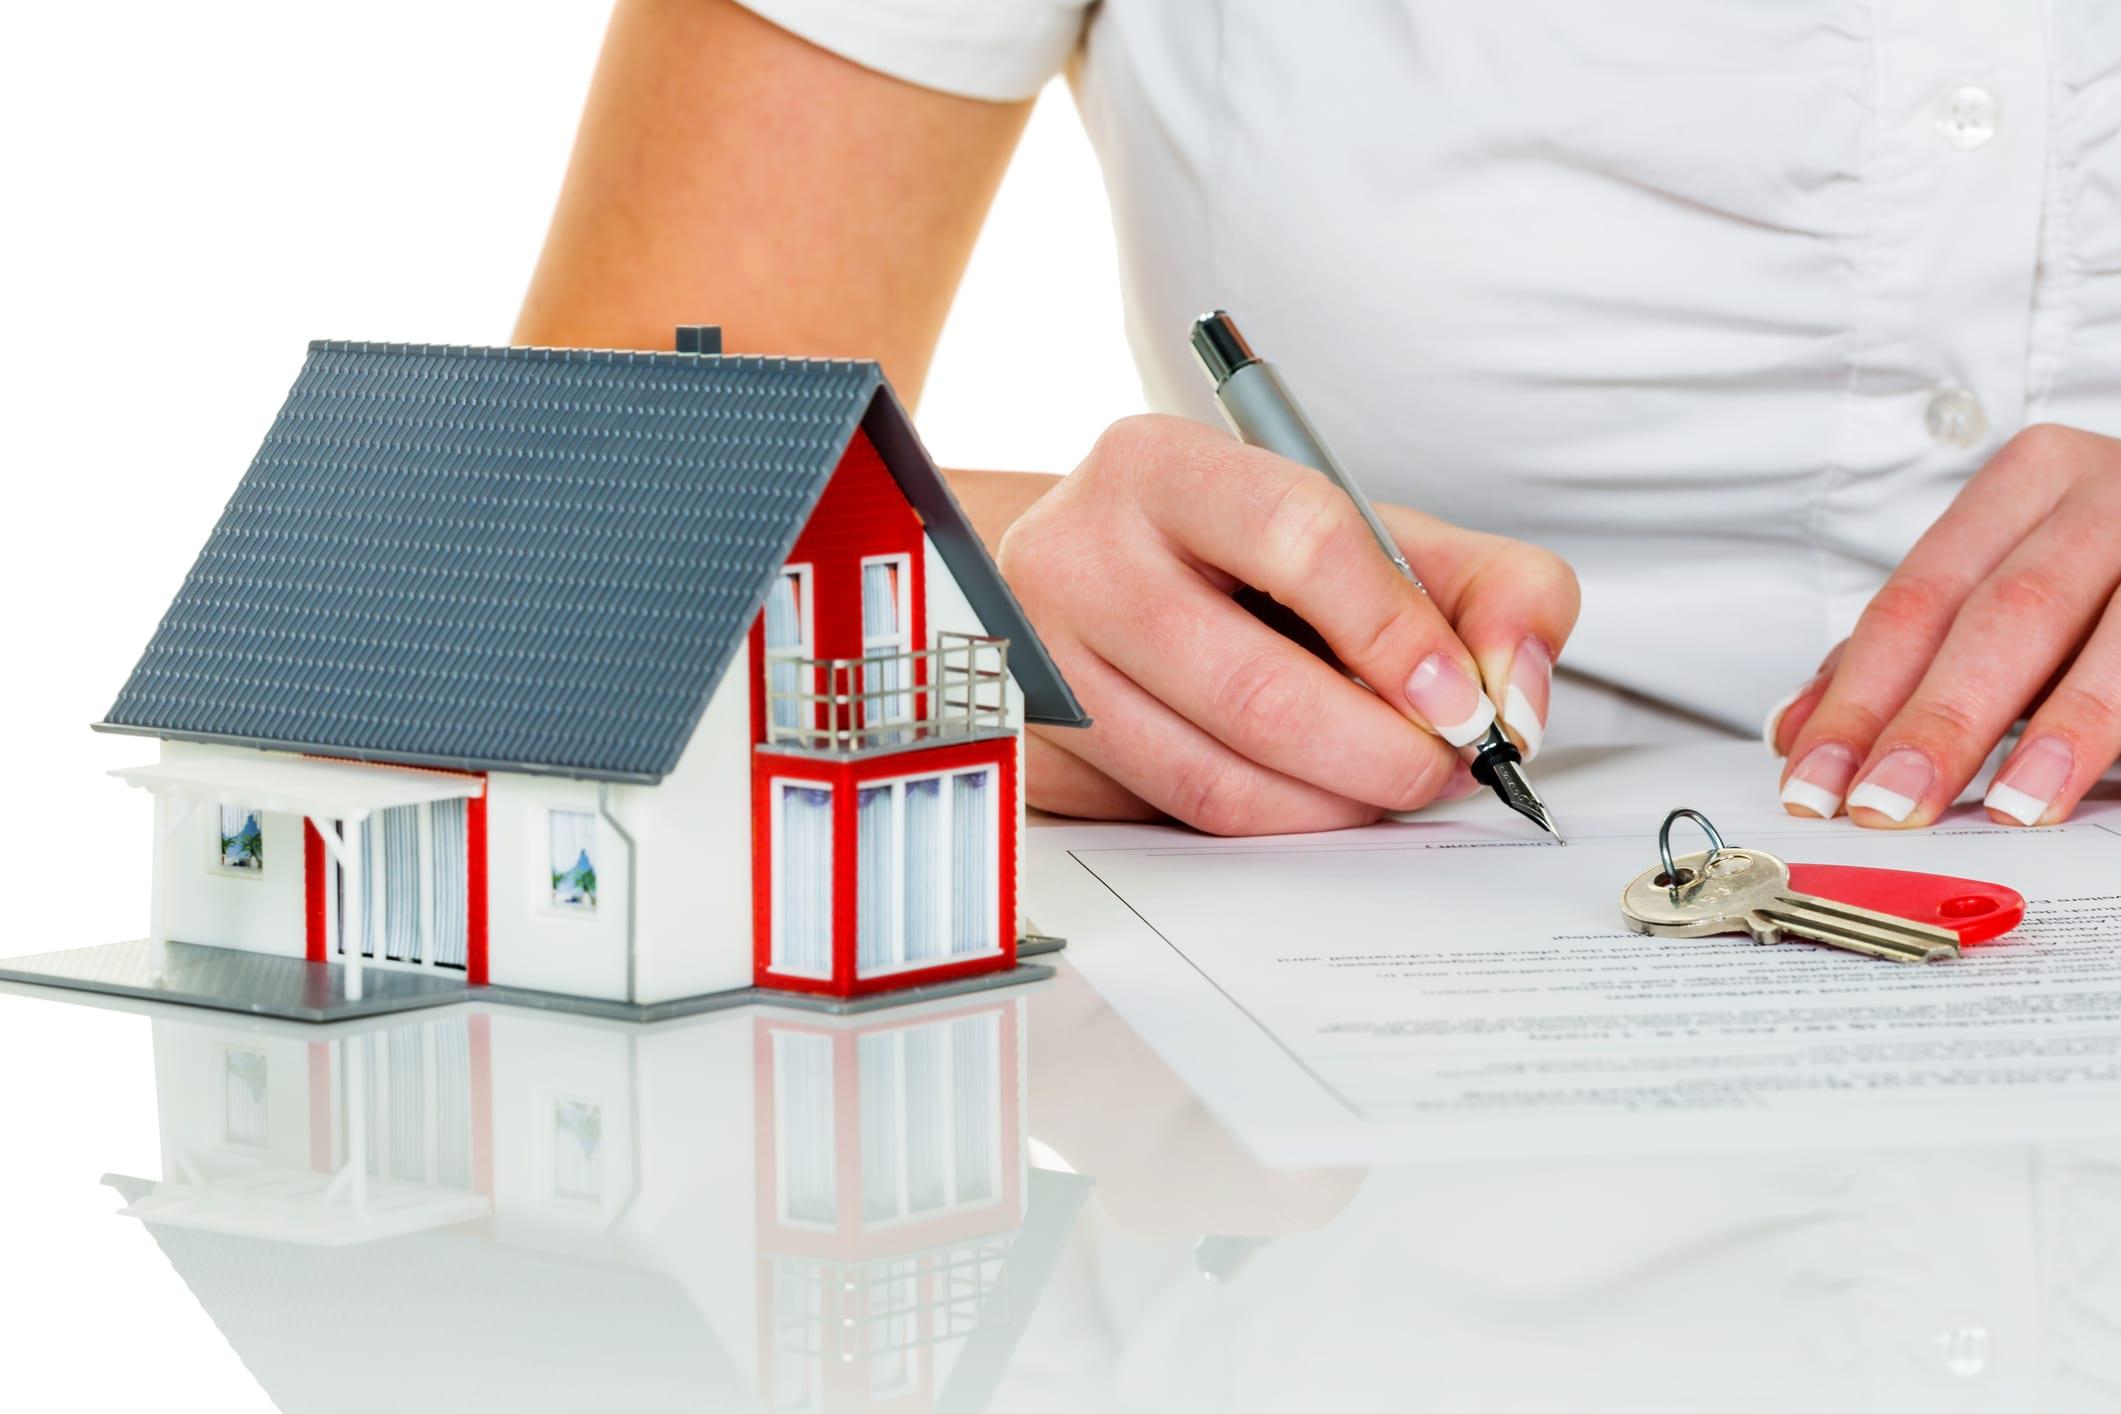 Изображение - Как правильно взять ипотеку на квартиру – этапы оформления wsi-imageoptim-ipoteka-dlja-ip